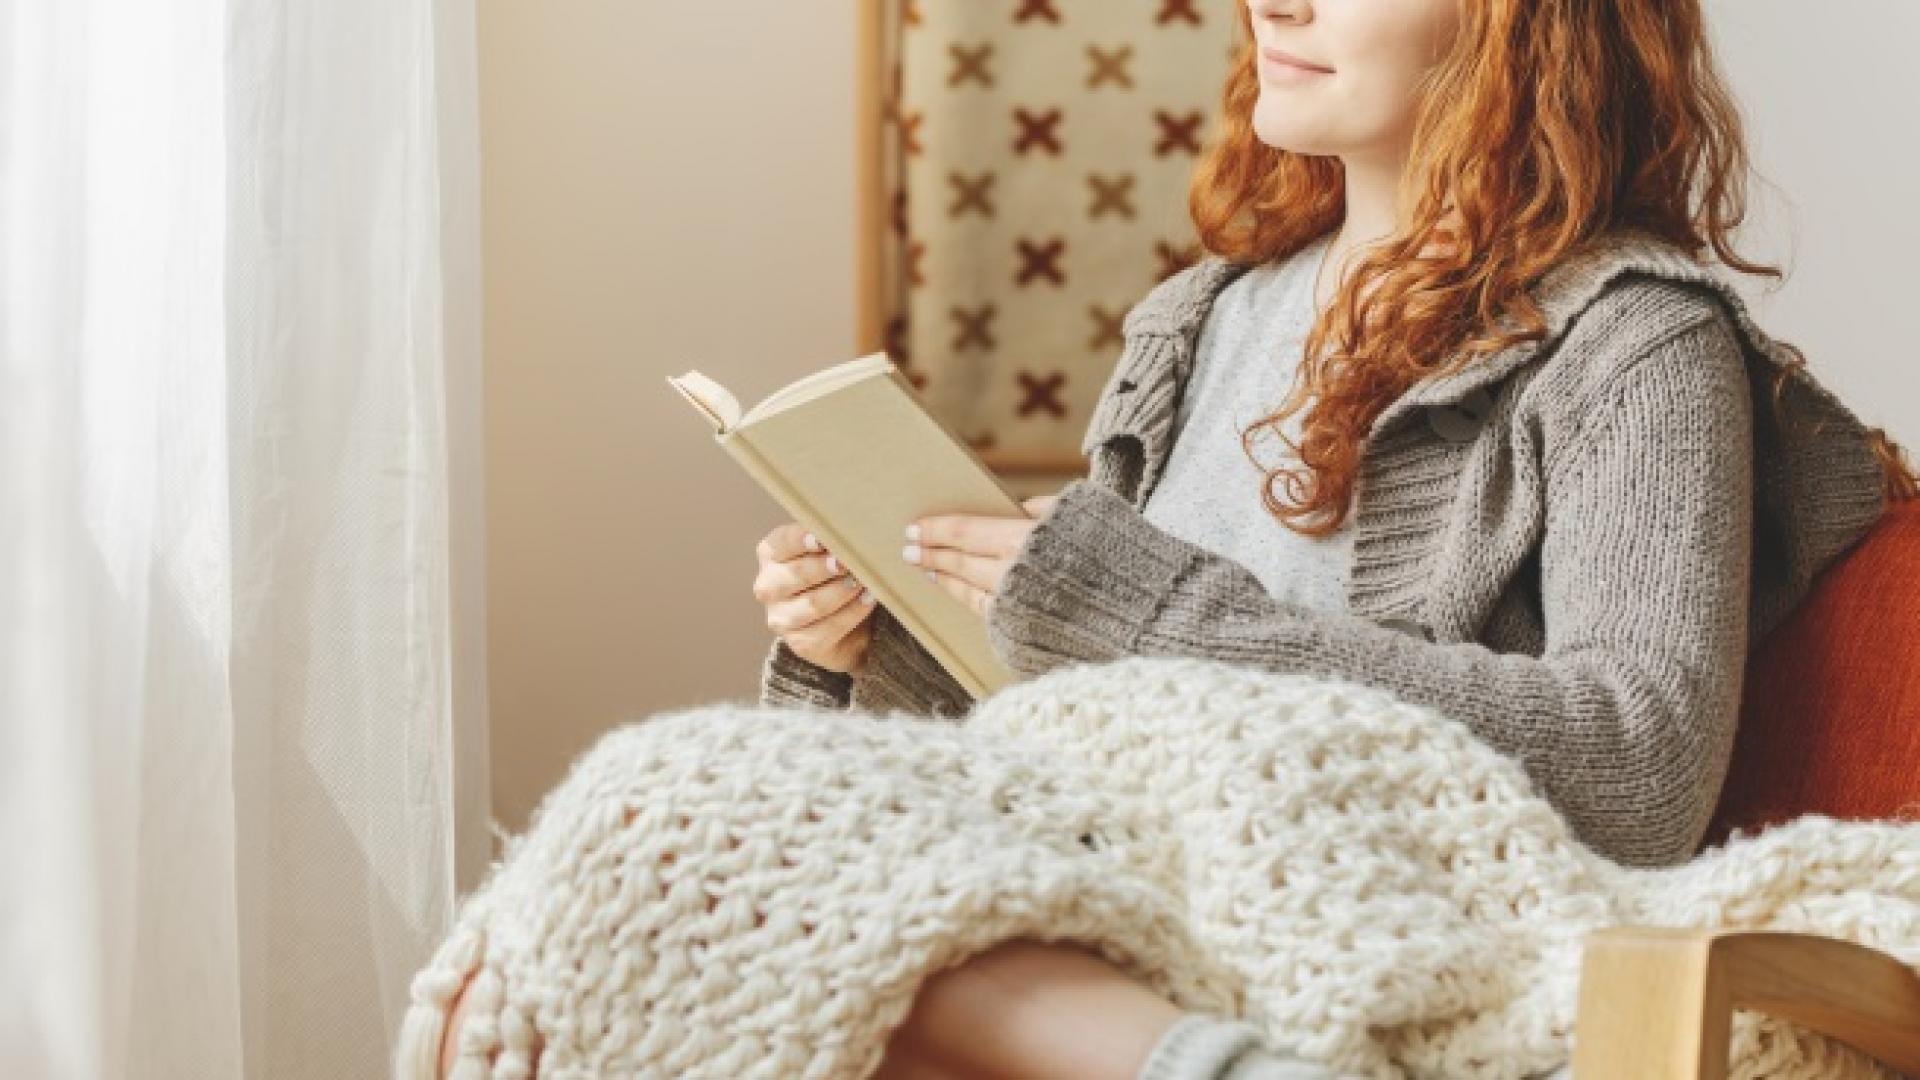 Как да внесем есенен уют в дома? 9 лесни идеи